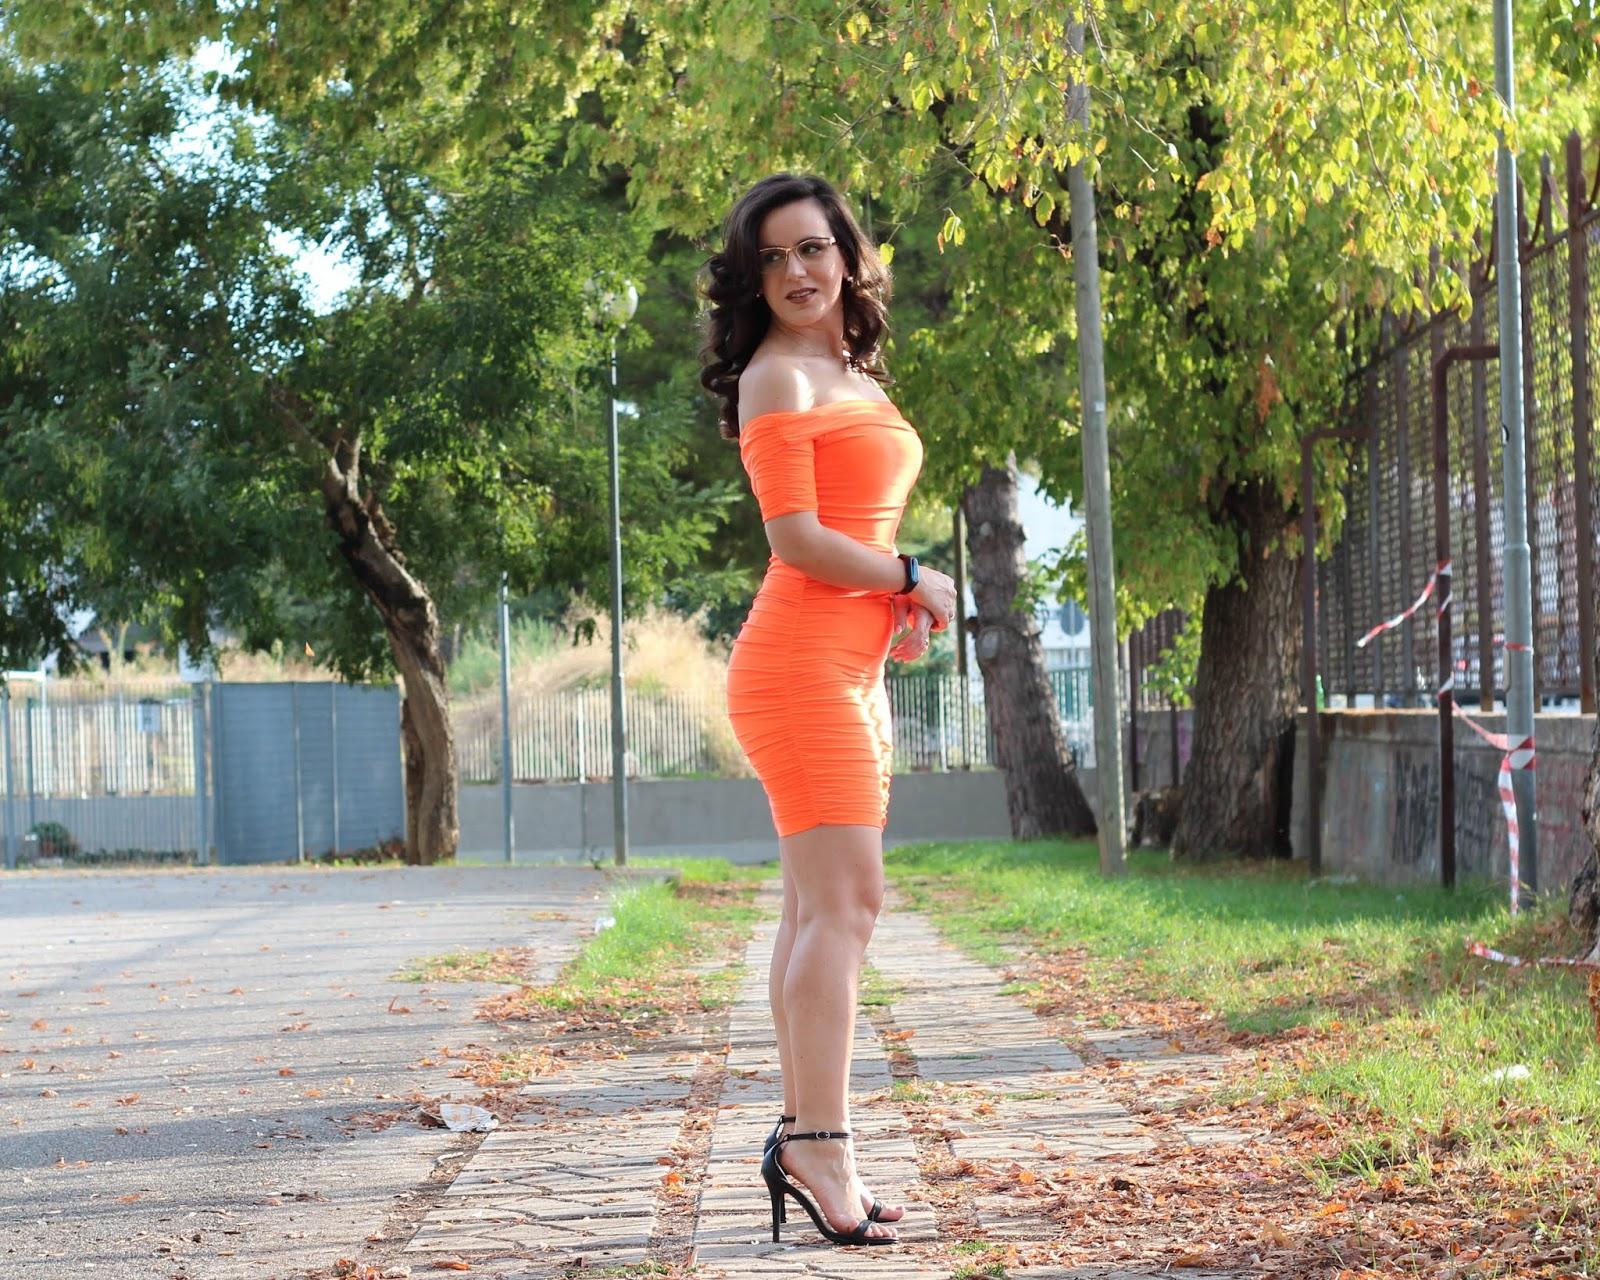 Vestiti da donna arancione corto 18 anni